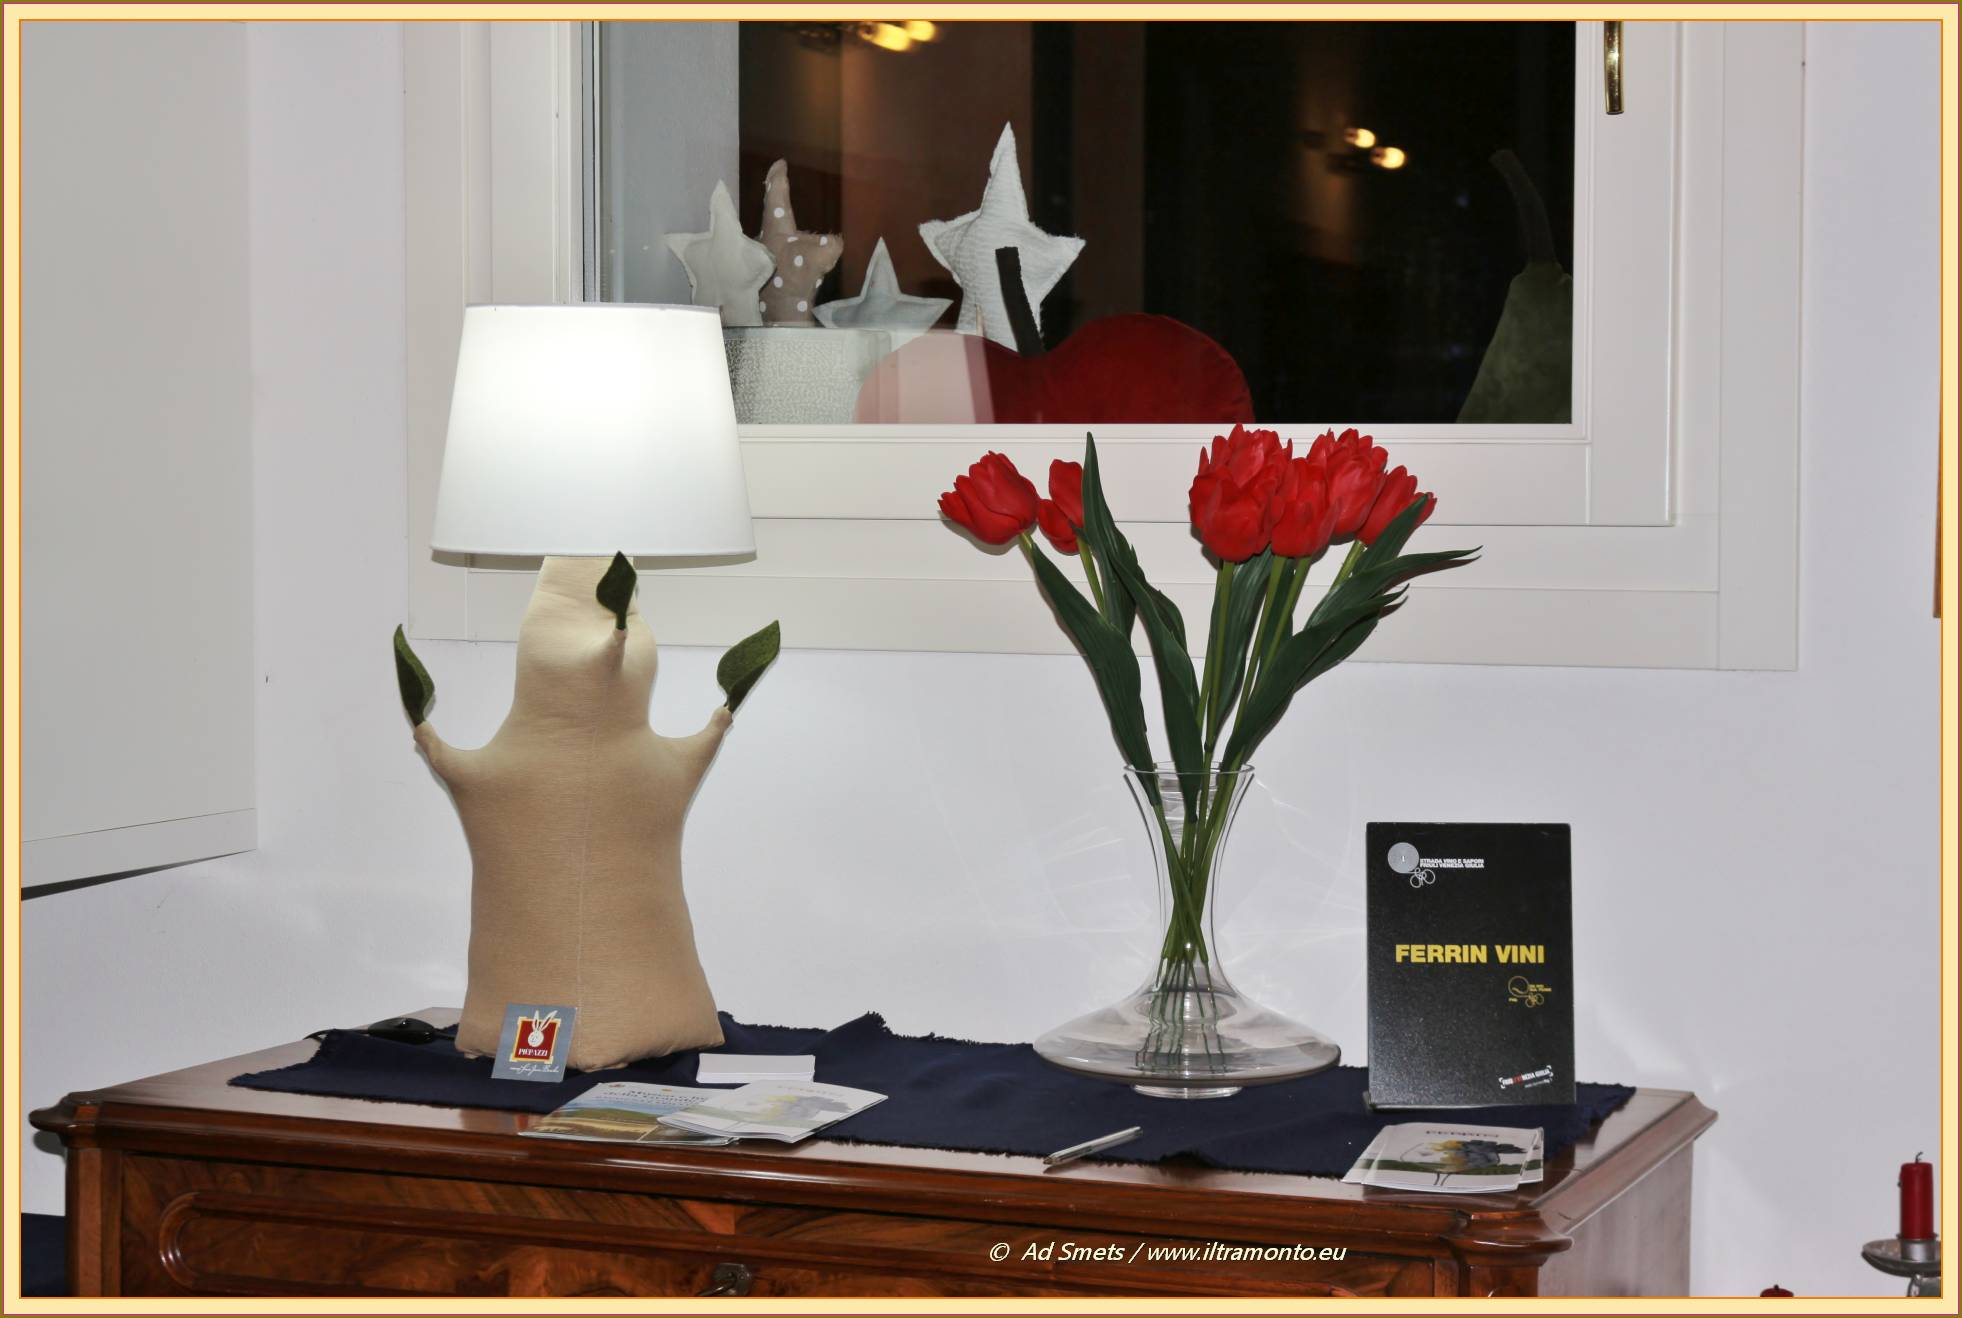 ferrin-cantine-aperte_5631_il-tramonto